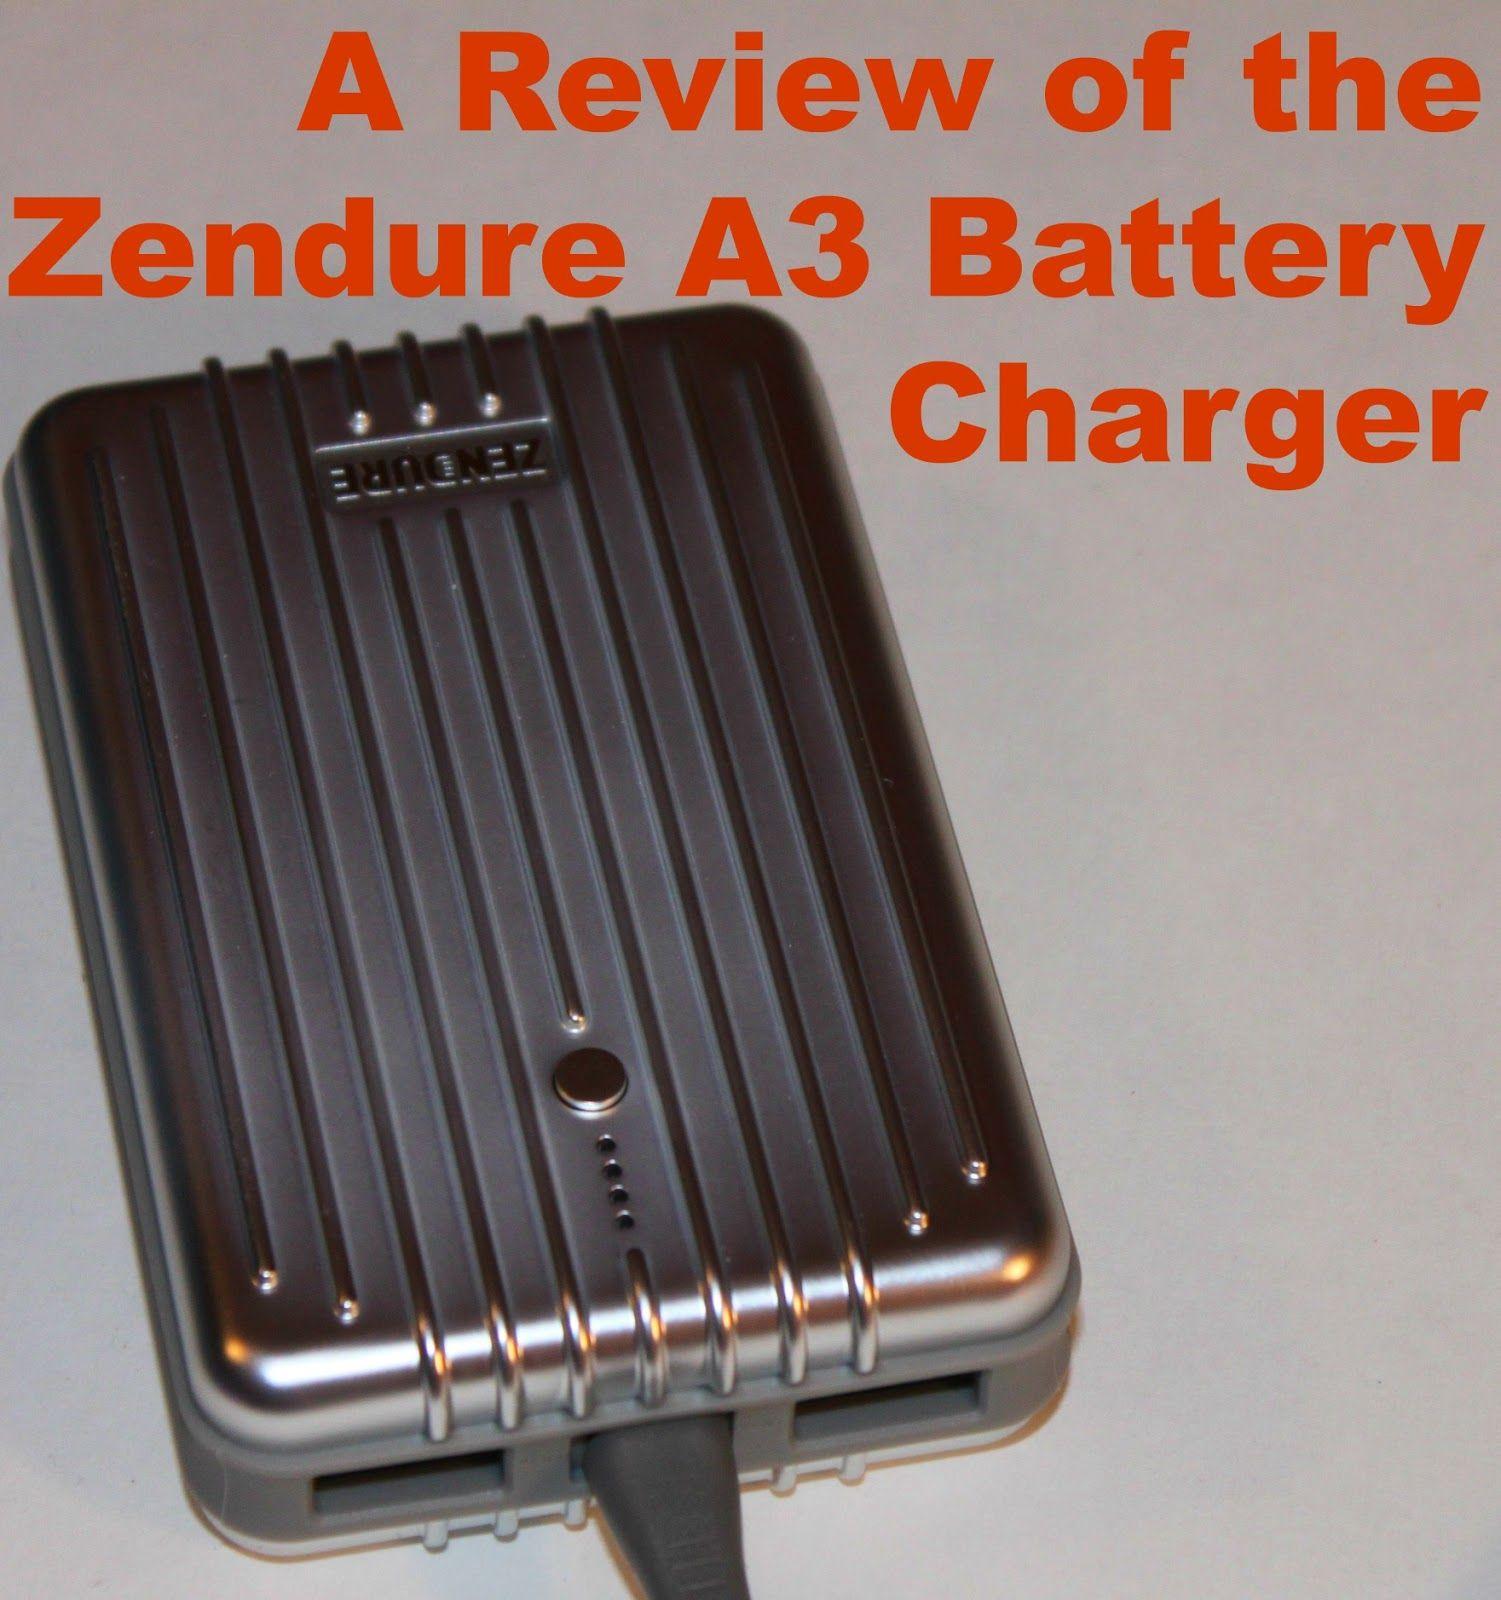 The Zendure A3 External Battery Charger Review External Battery Charger Battery Charger Charger